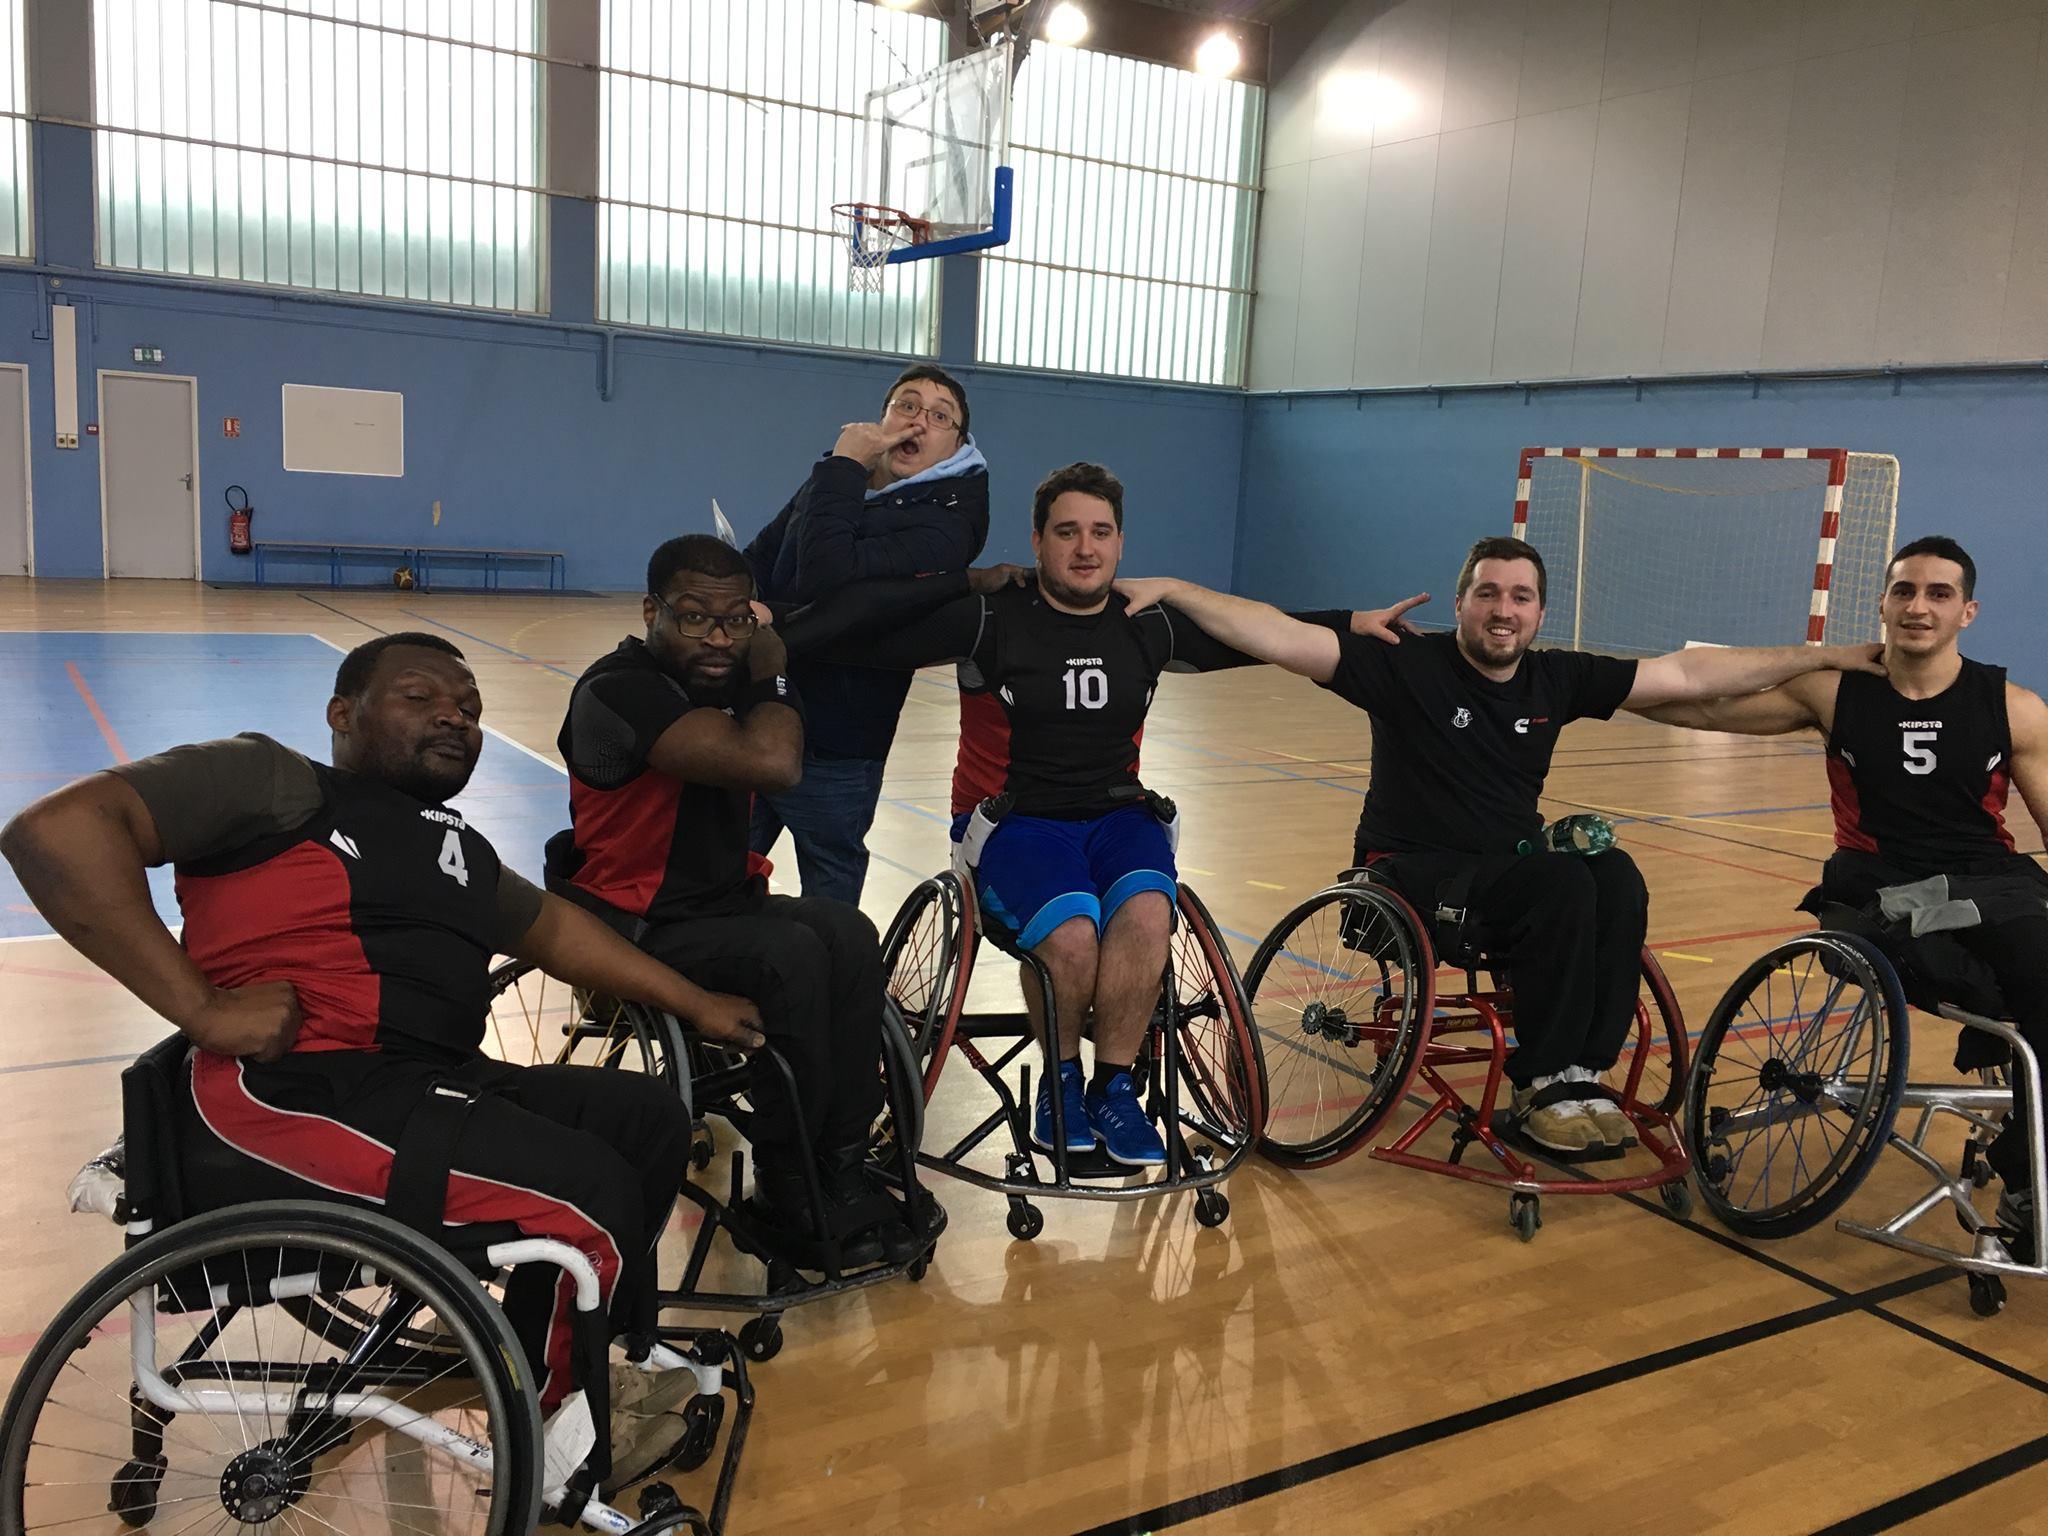 Basket Lyonnais Basket Fauteuil Handisport Lyonnais Lyonnais Fauteuil Basket Handisport Handisport Fauteuil Basket xZ0zwtnqq